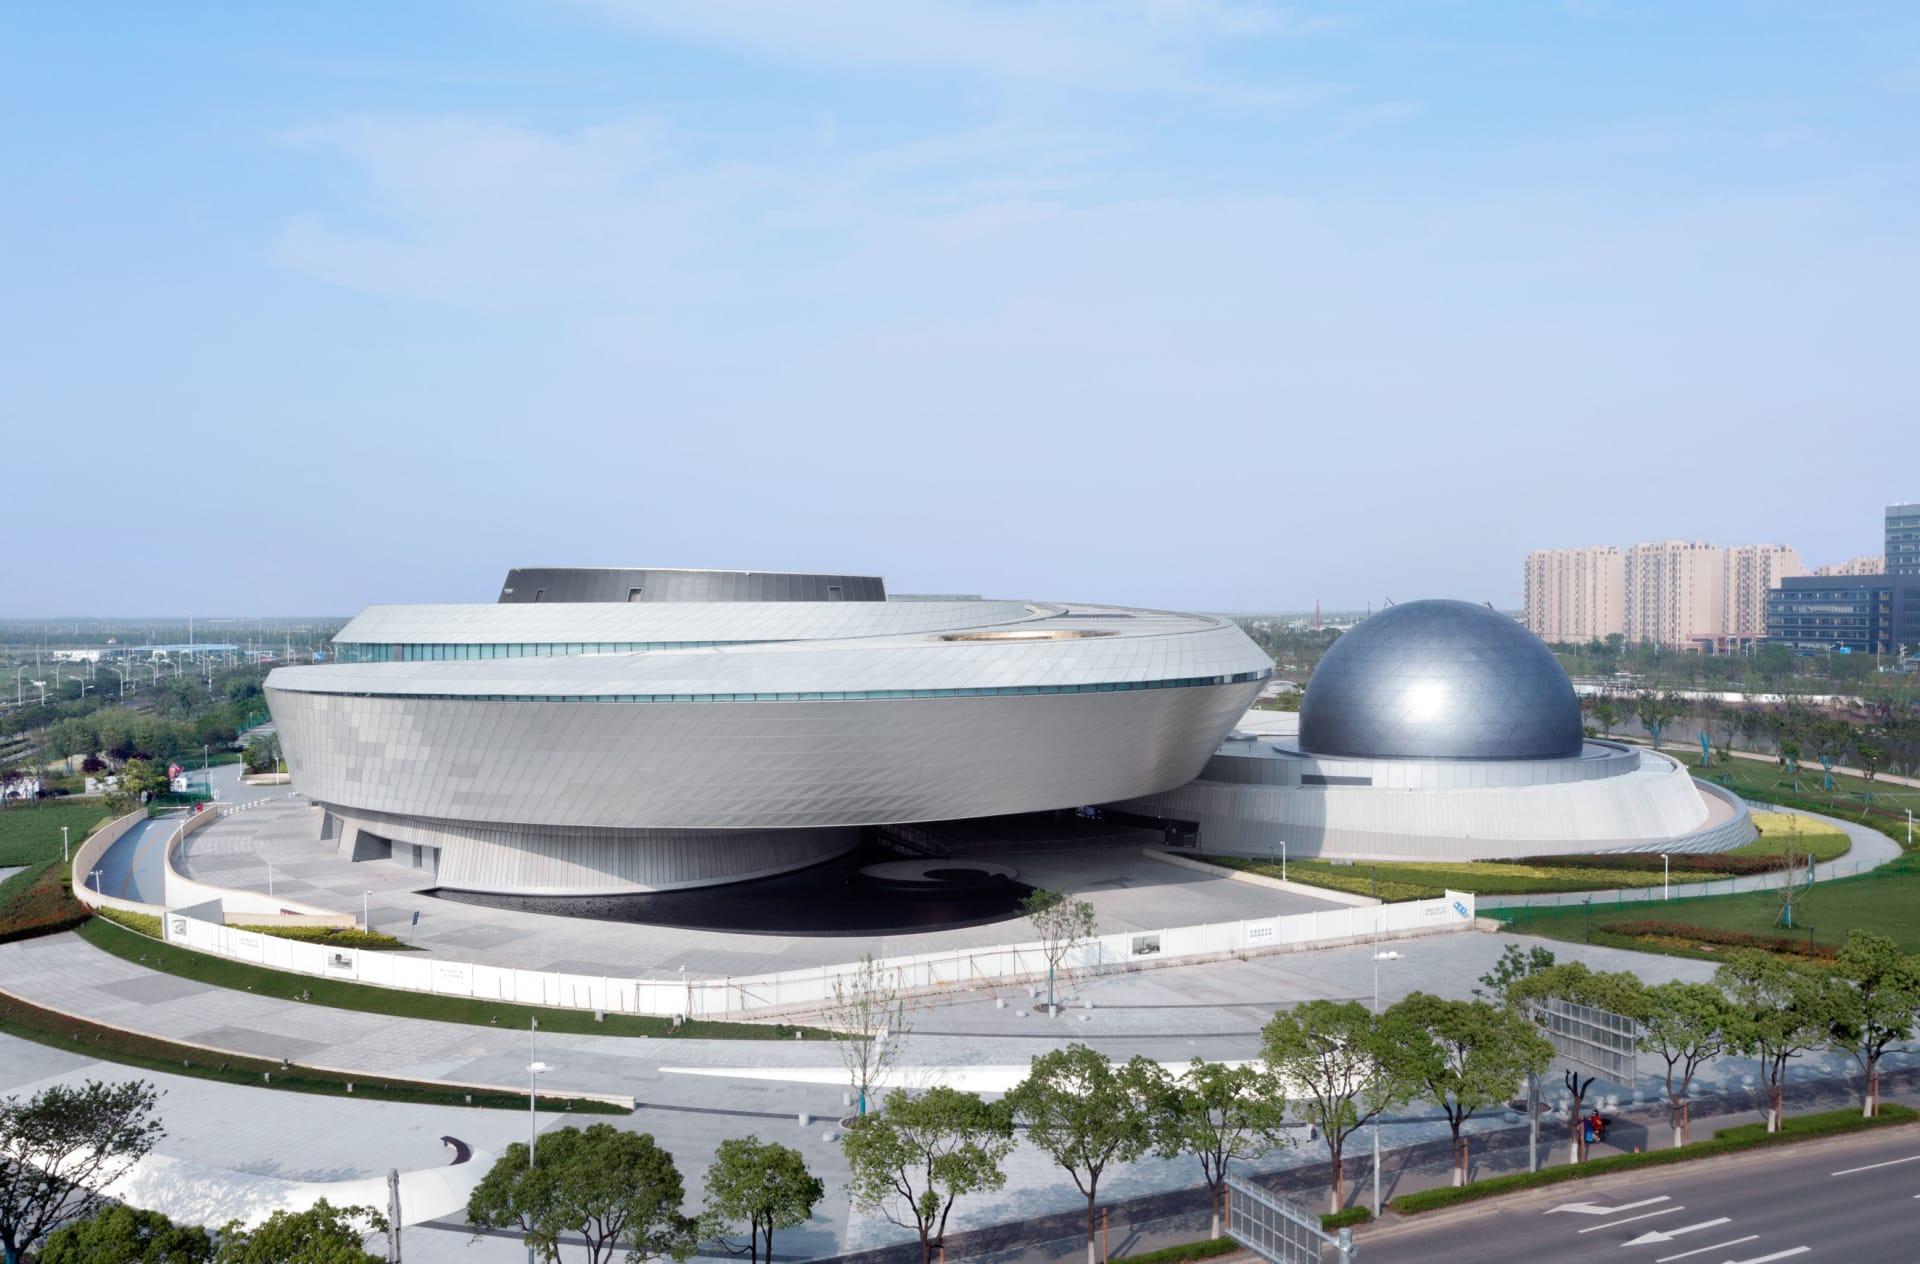 أكبر متحف في العالم لعلوم الفلك يفتتح في الصين